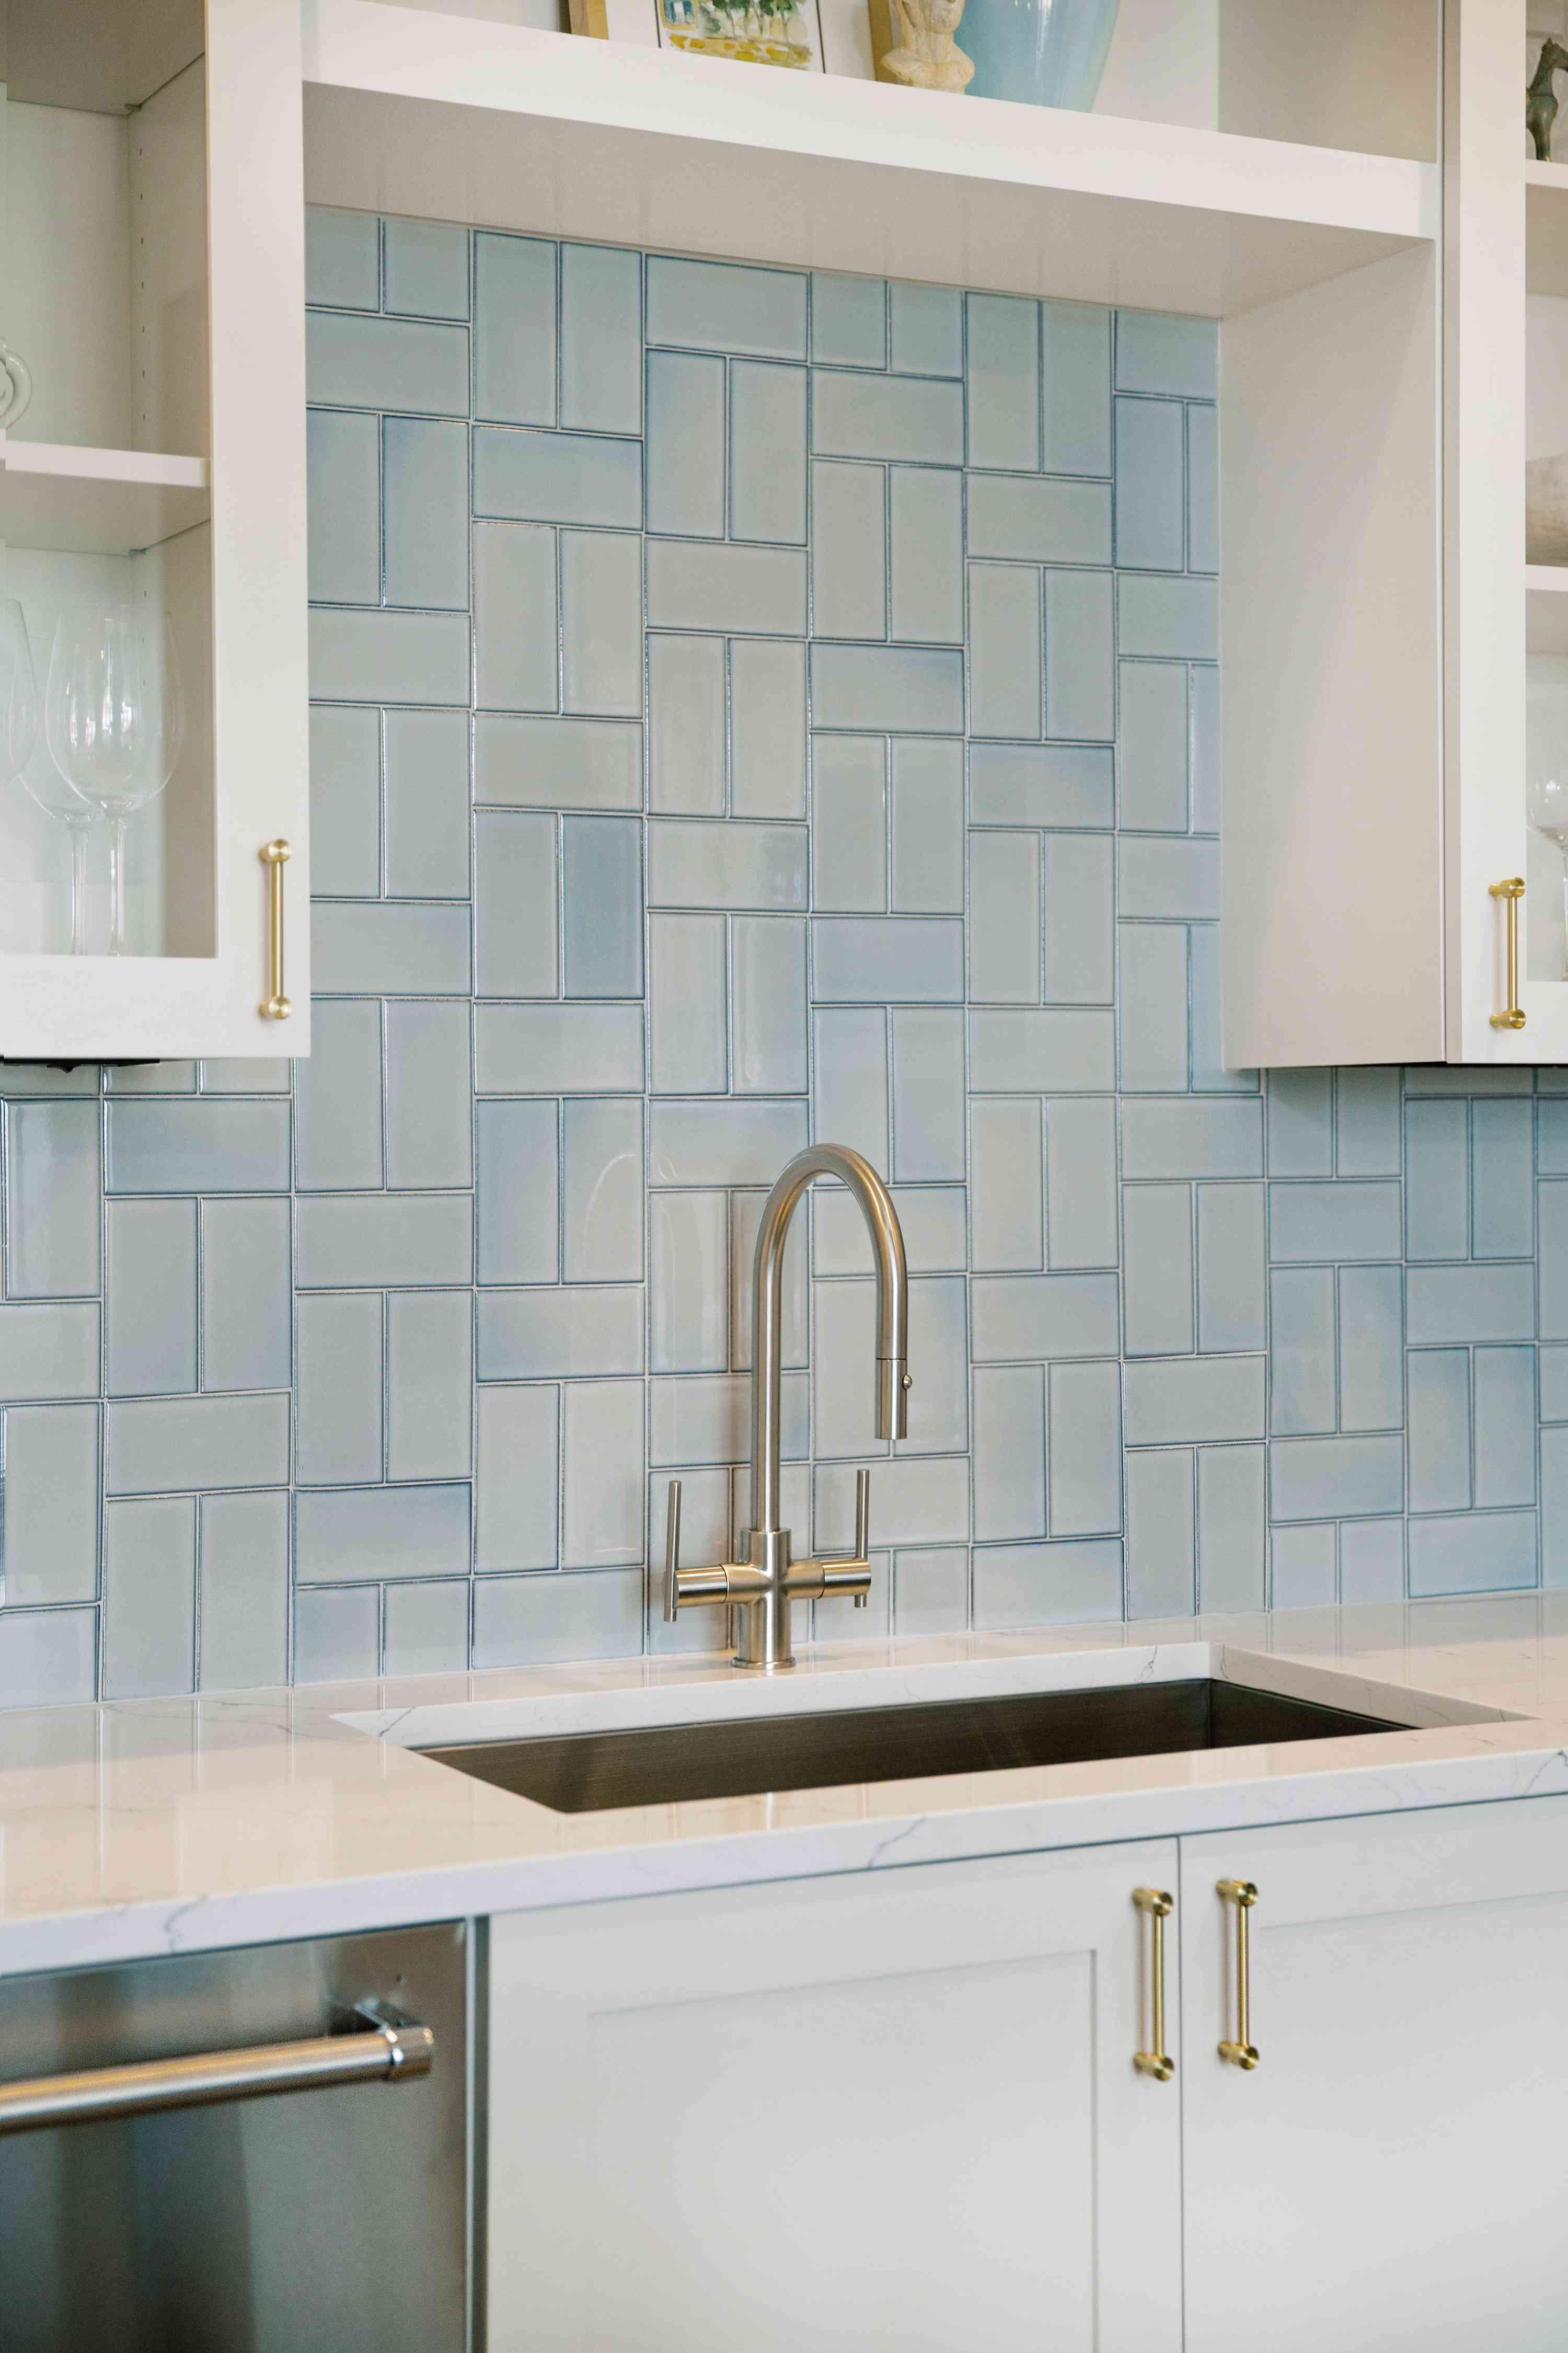 Close-up of kitchen sink and light blue backsplash behind it.